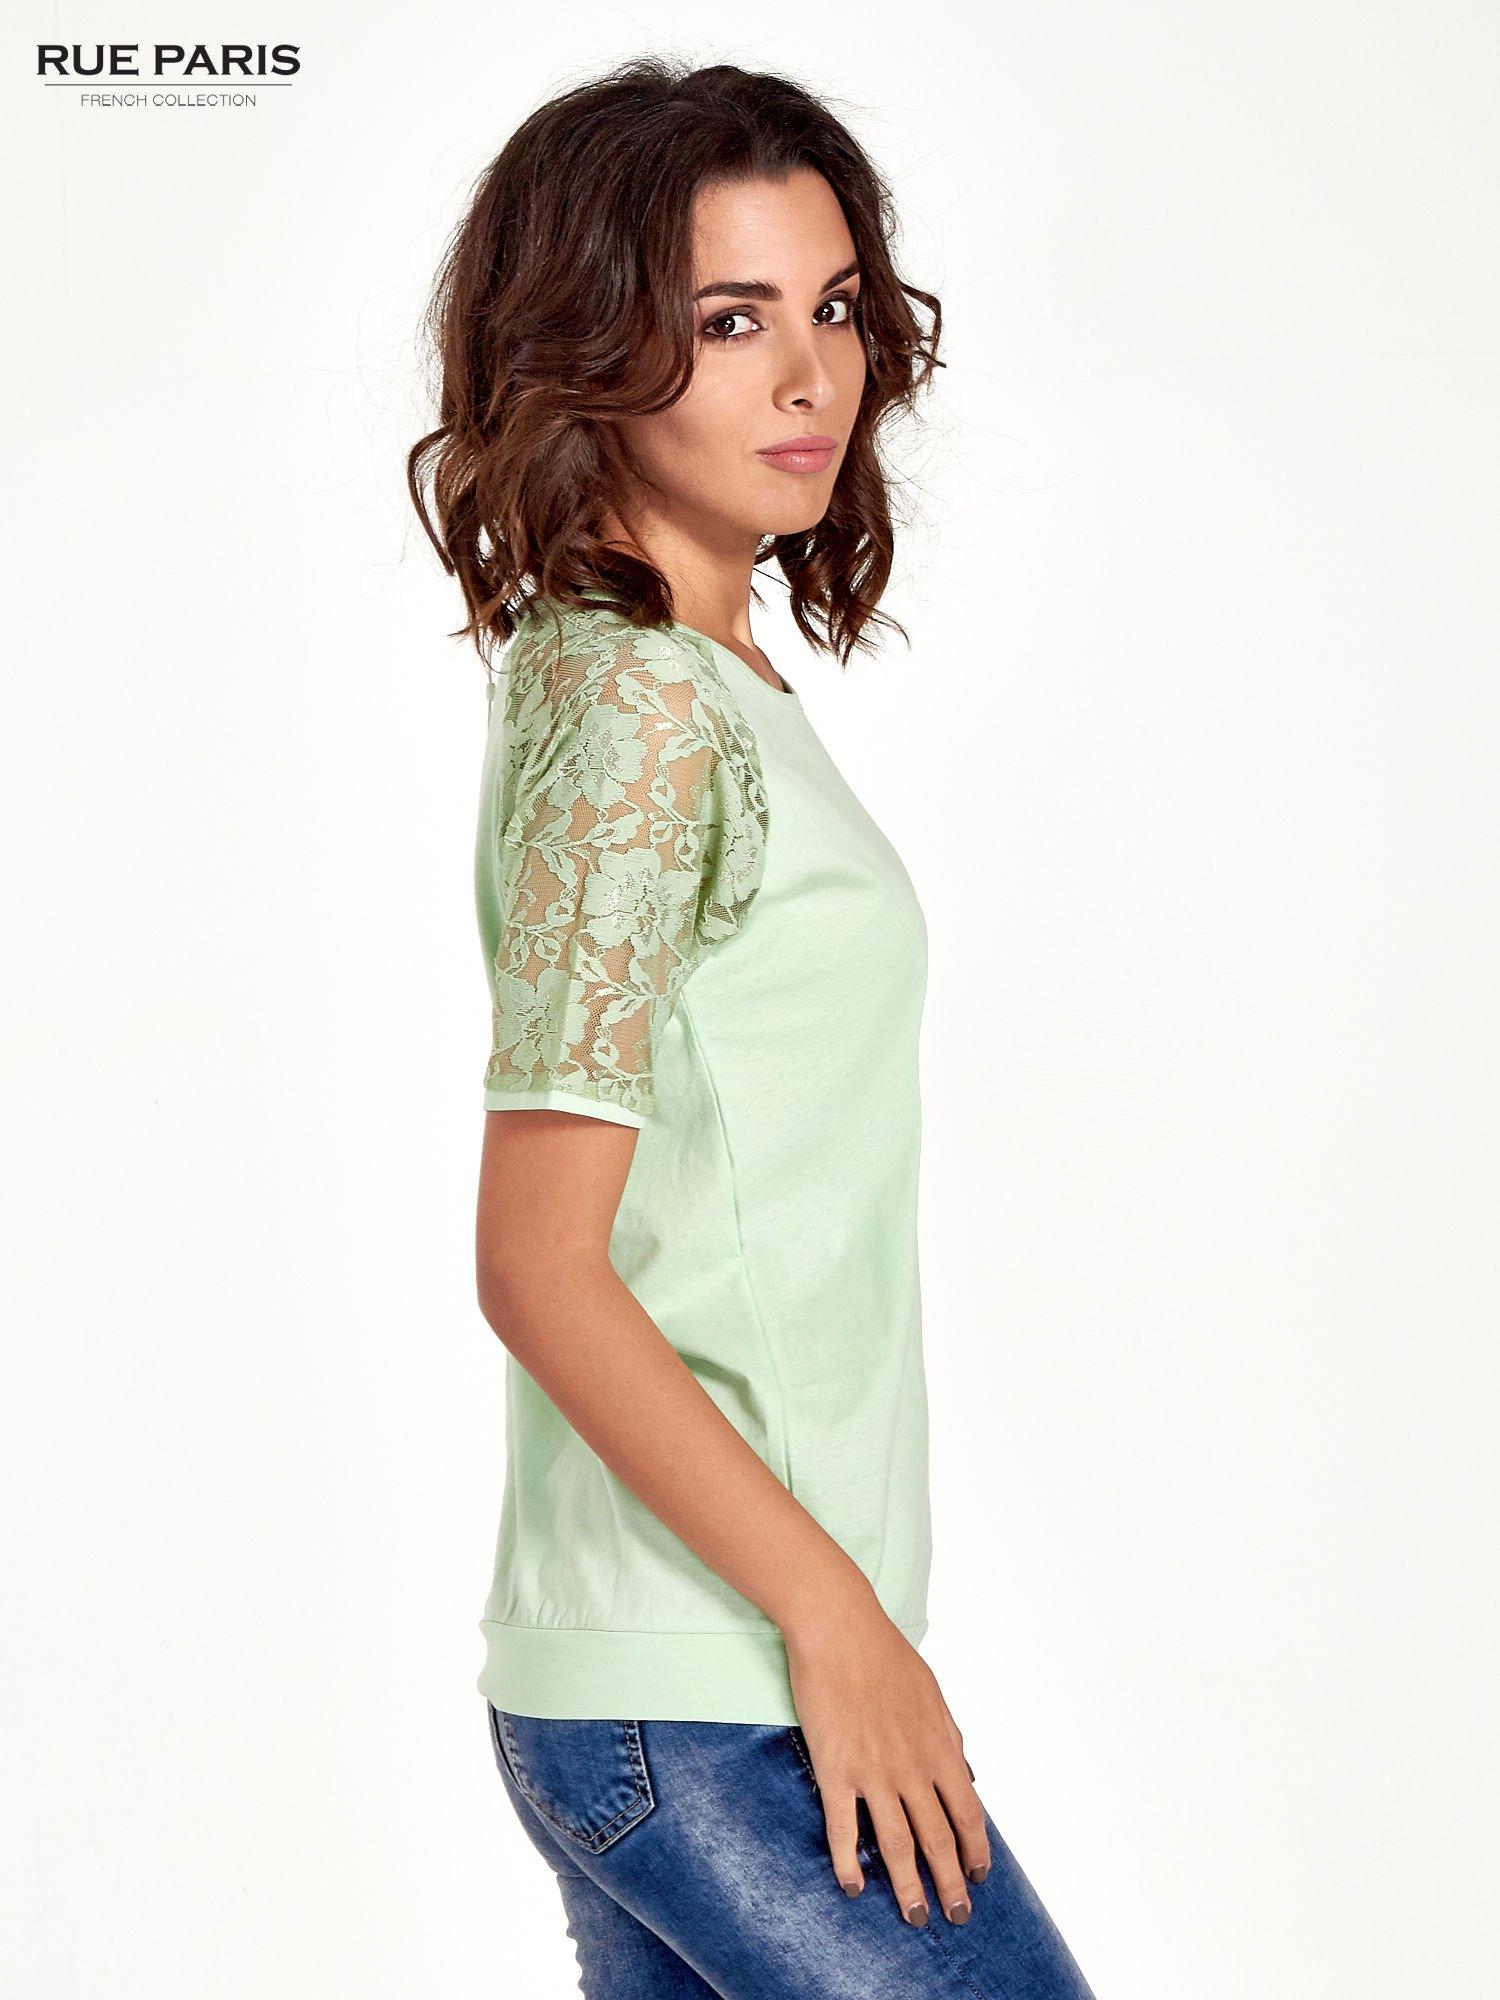 Jasnozielony t-shirt z koronkowymi rękawami długości 3/4                                  zdj.                                  3